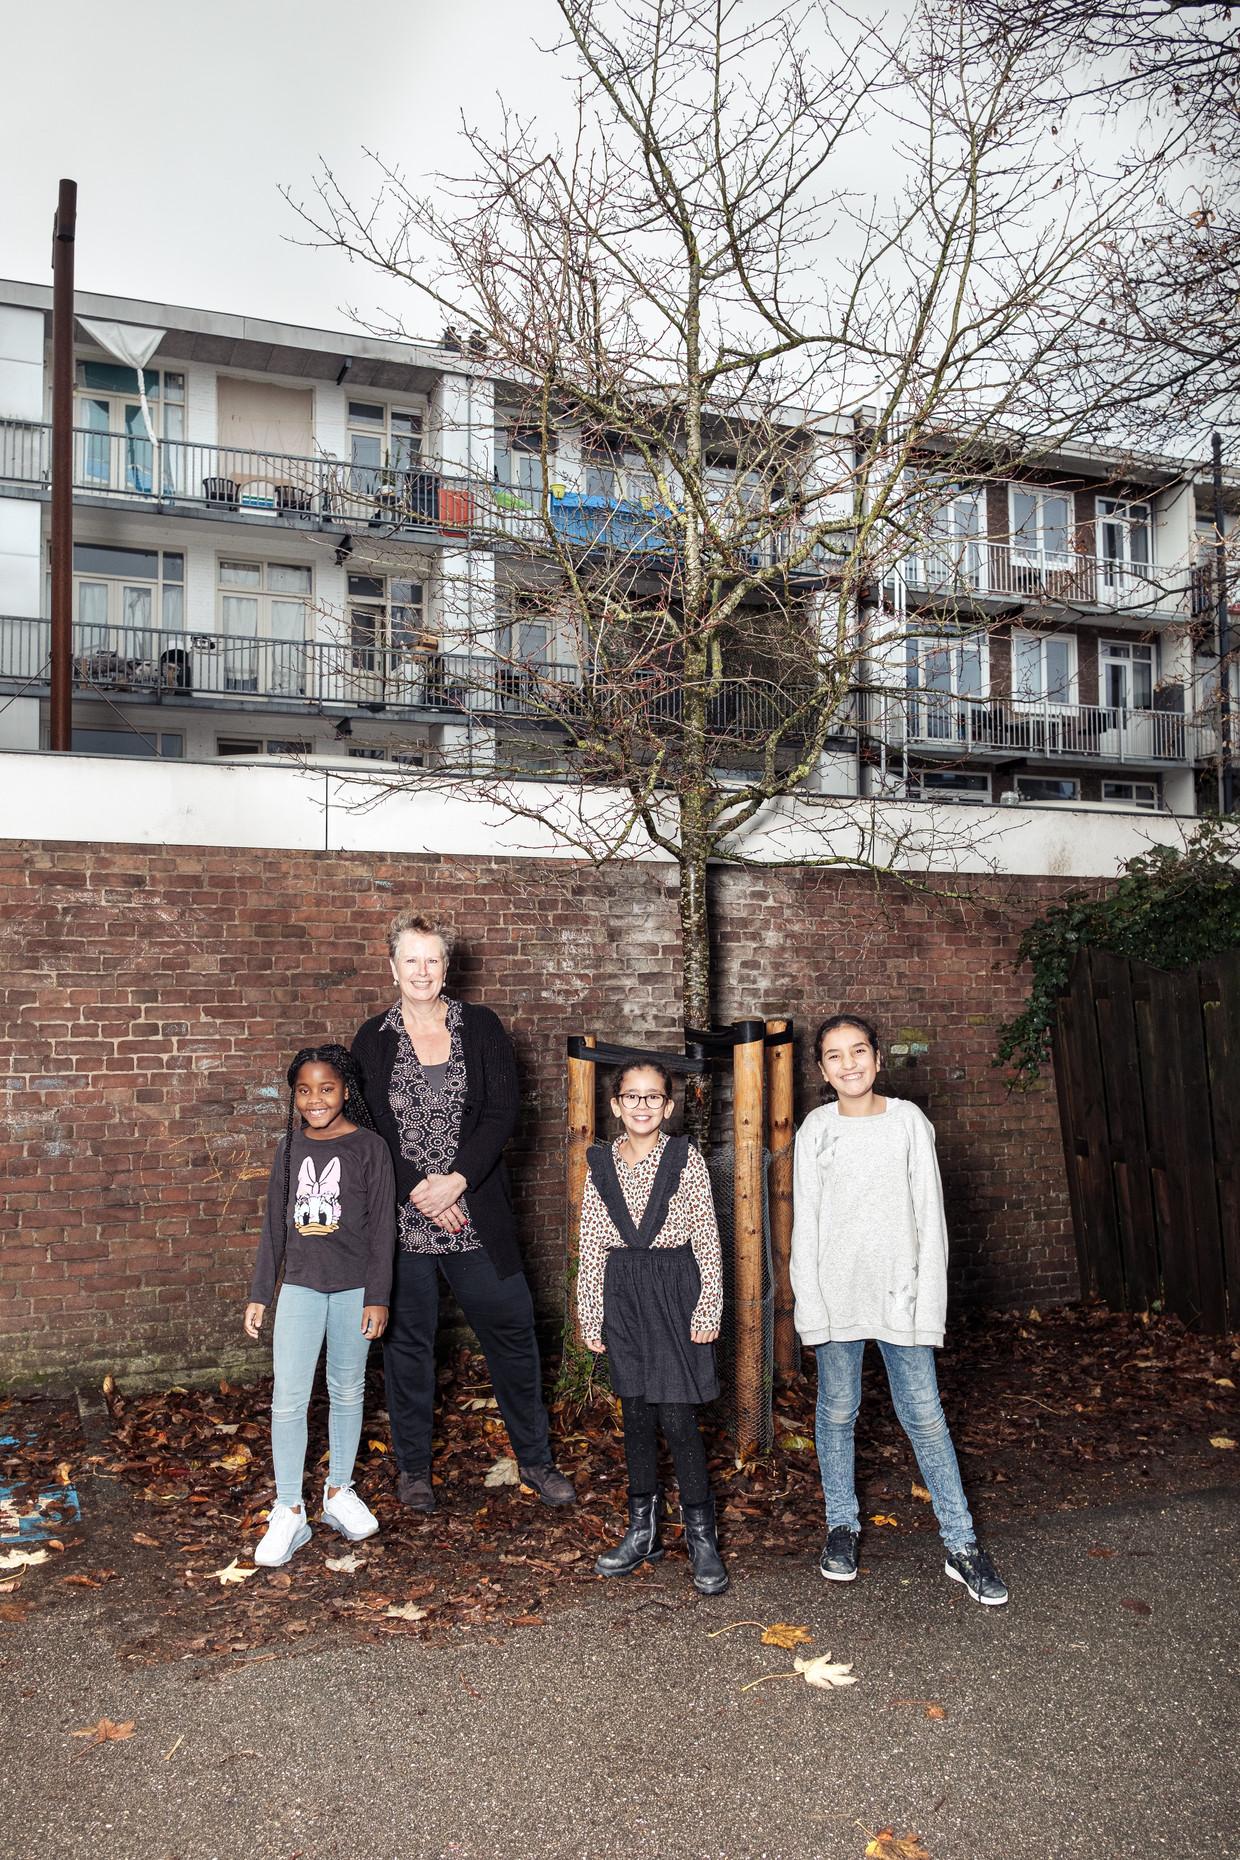 Schooldirecteur Madeleine Schoute en leerlingen van De Meidoorn. 'De kinderen leren nu dat er ook een boom met die naam bestaat.' Beeld Jakob van Vliet